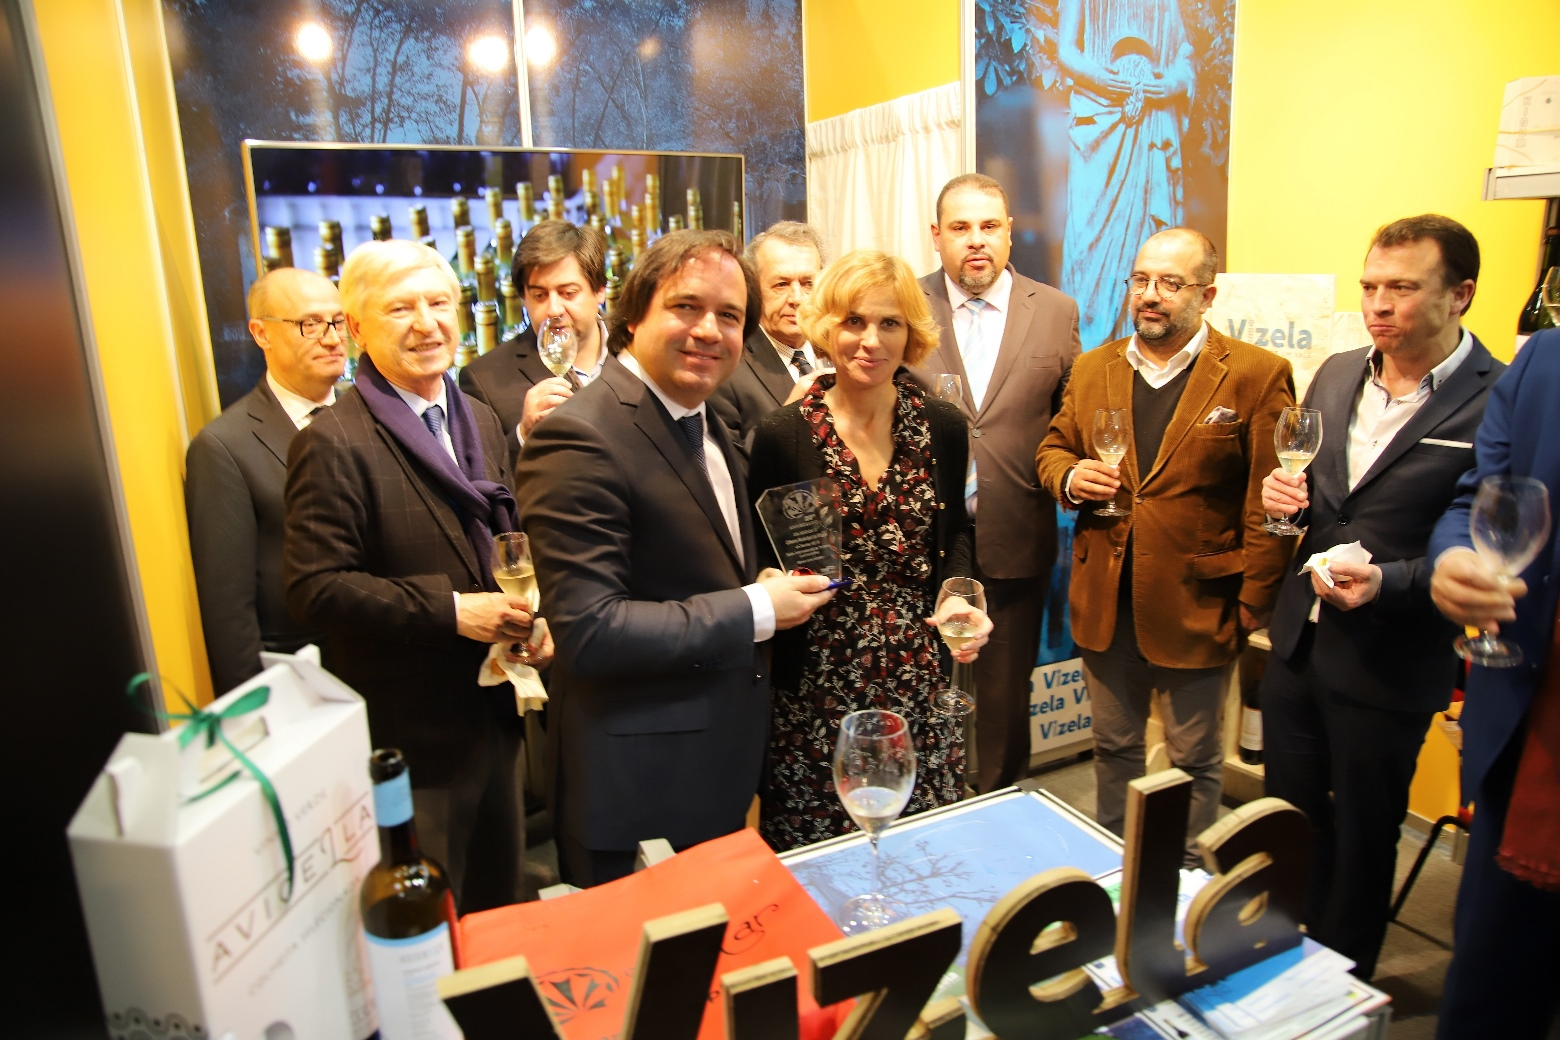 Vizela promoveu gastronomia na Xantar